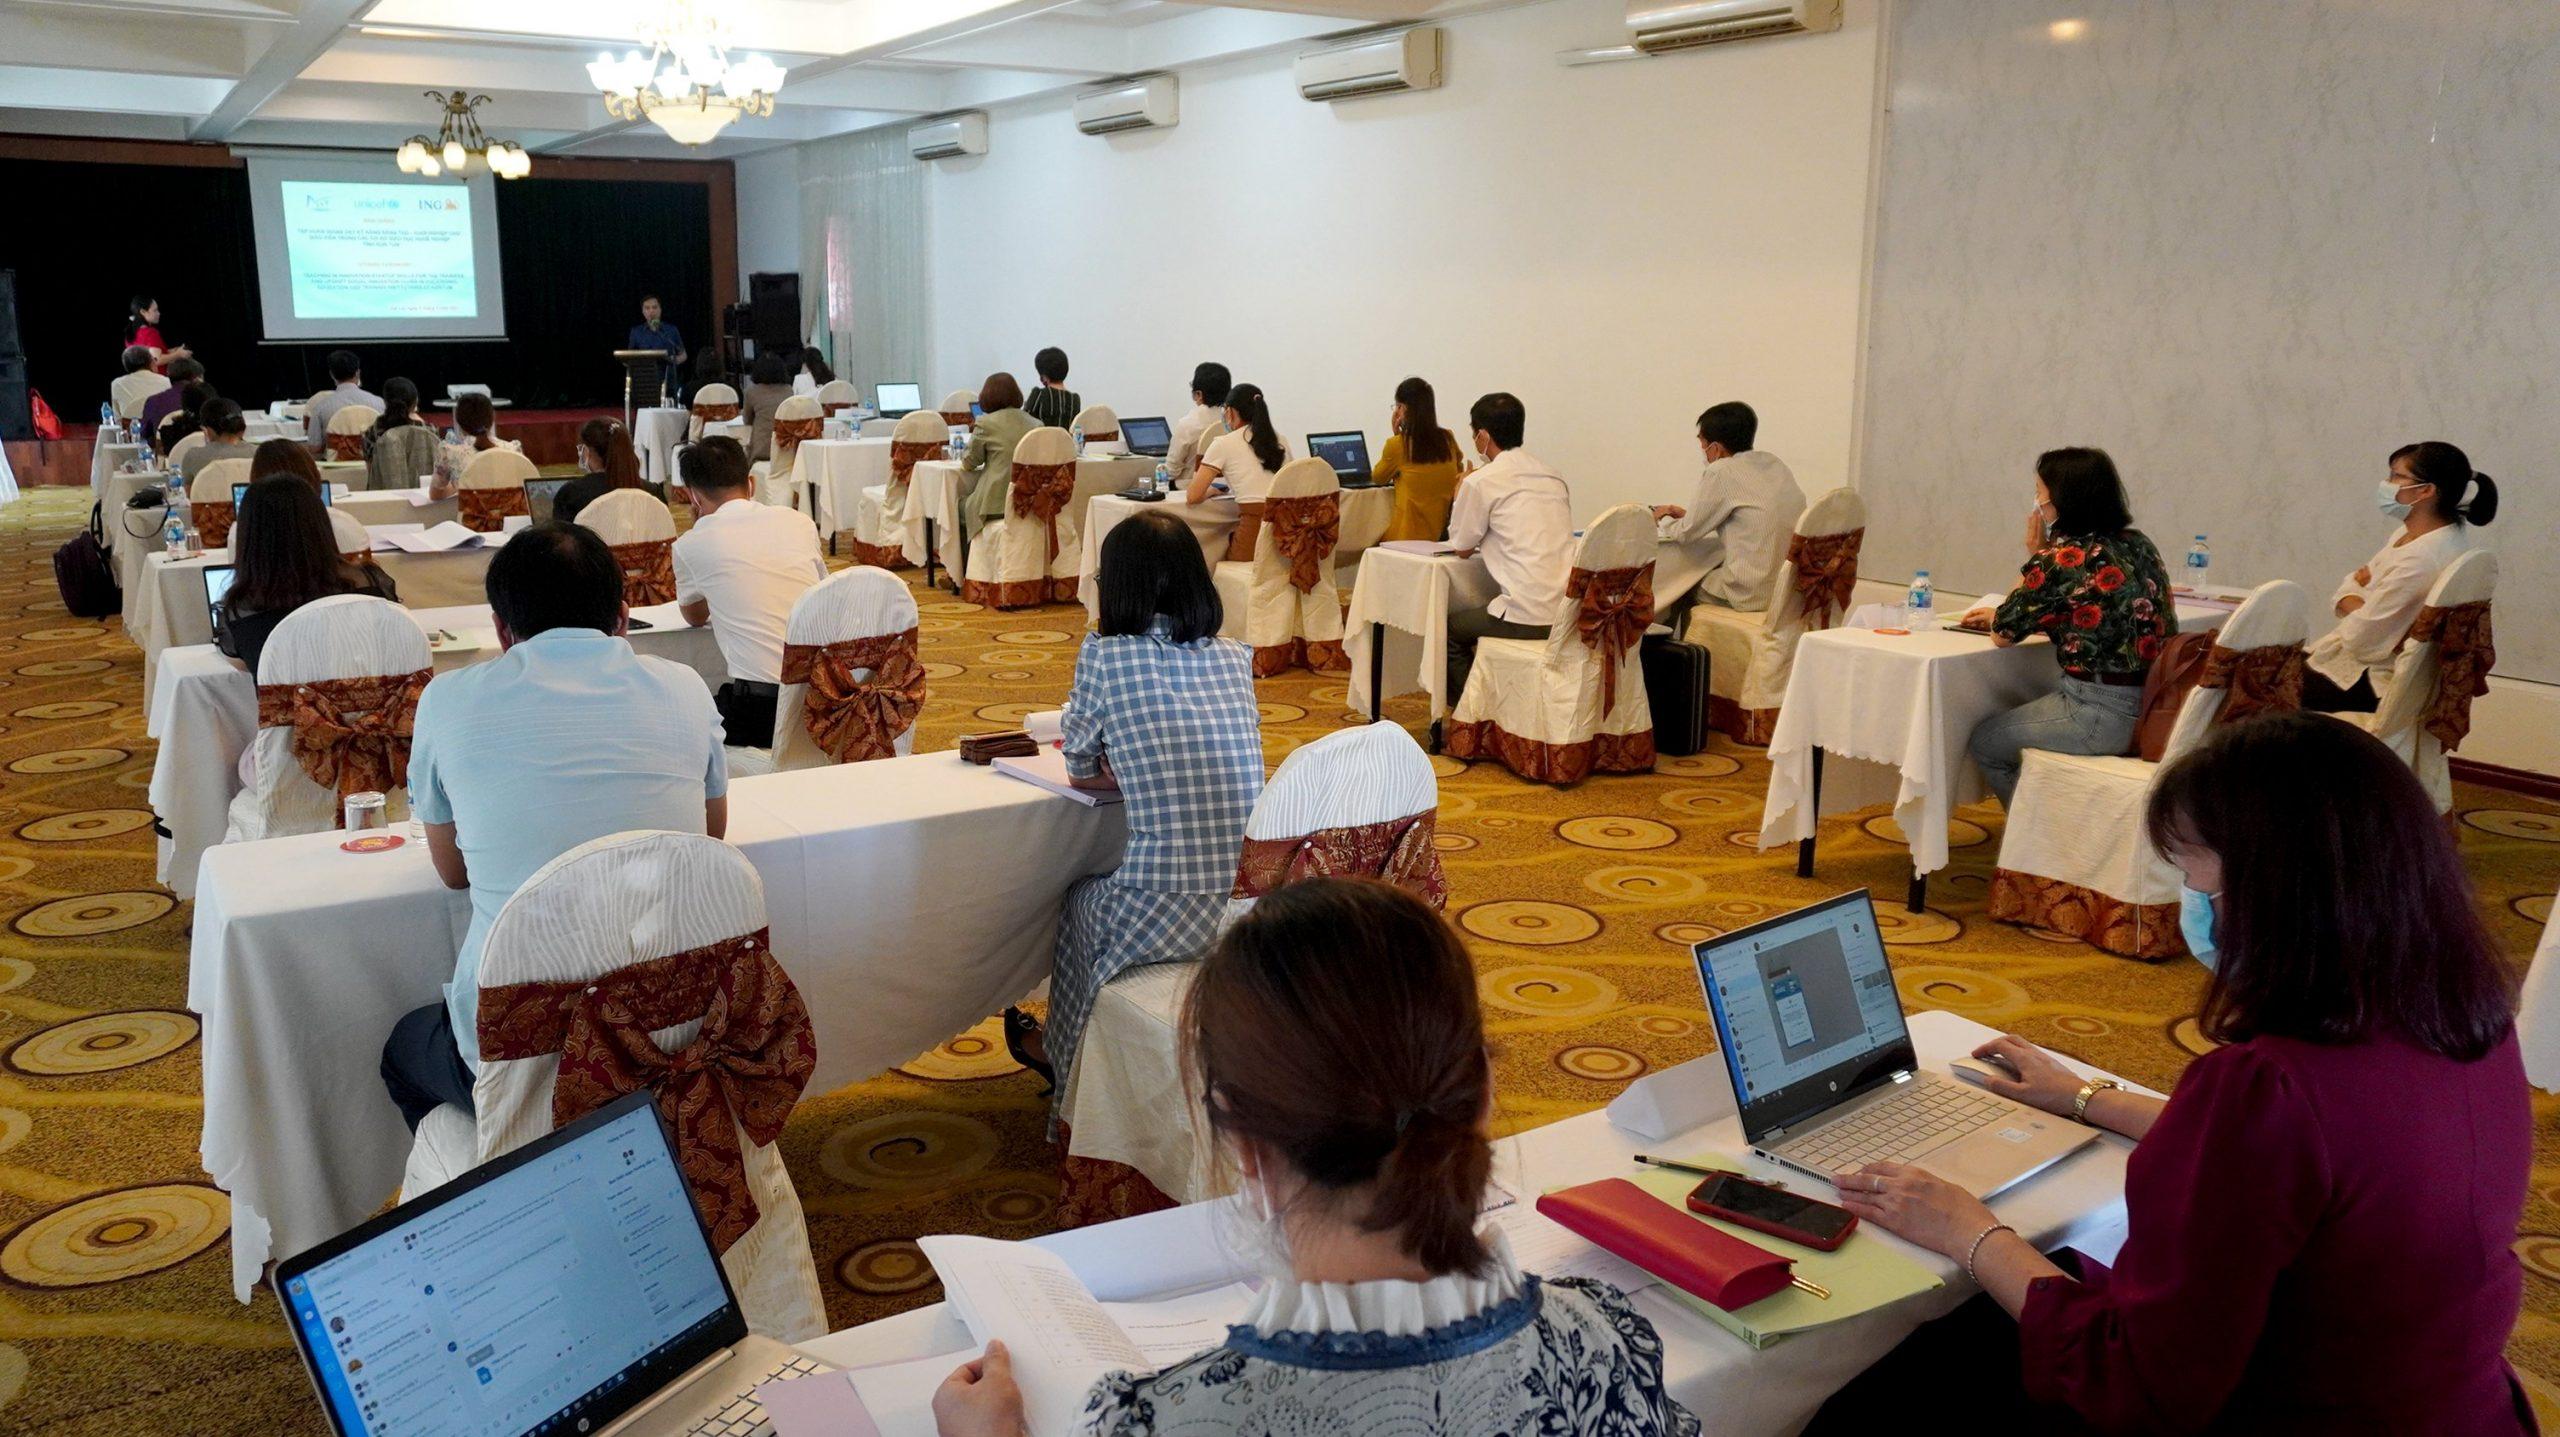 Tổ chức tập huấn về giảng dạy kỹ năng sáng tạo khởi nghiệp cho giáo viên trong các cơ sở giáo dục nghề nghiệp tỉnh Kon Tum